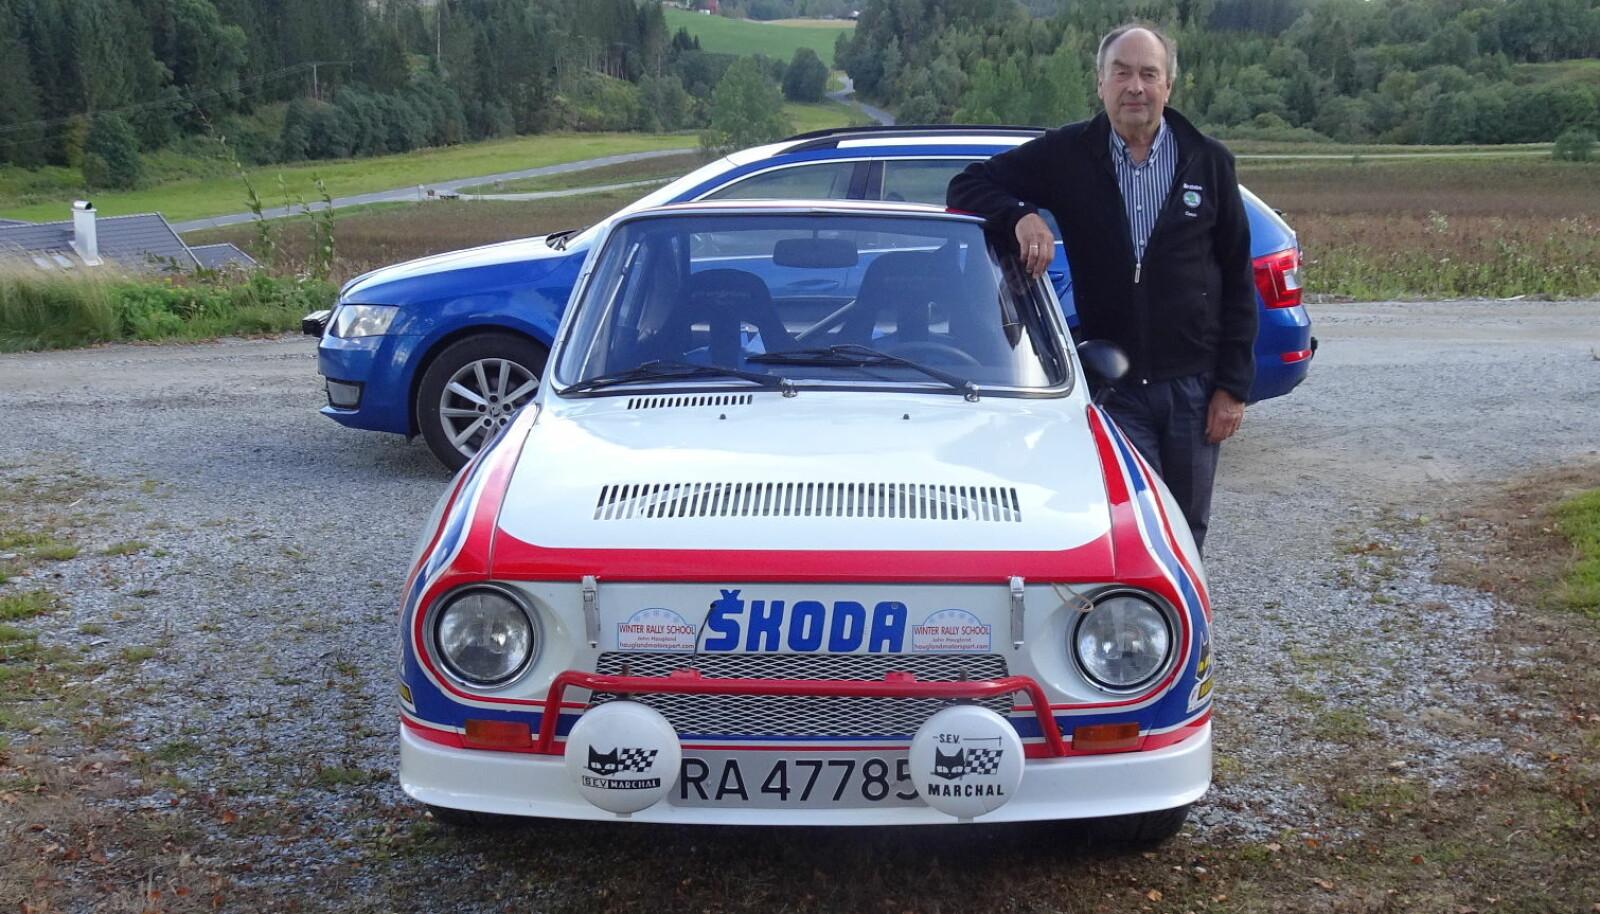 <b>FANT GULL:</b> Rallyvinneren John Haugland, her med sin 130RS, reddet Skodas frynsede rykte før Volkswagen tilførte merket sårt tiltrengte penger og kvalitet. Knapt noen fører har vunnet så mange billøp for Skoda gjennom tidene.